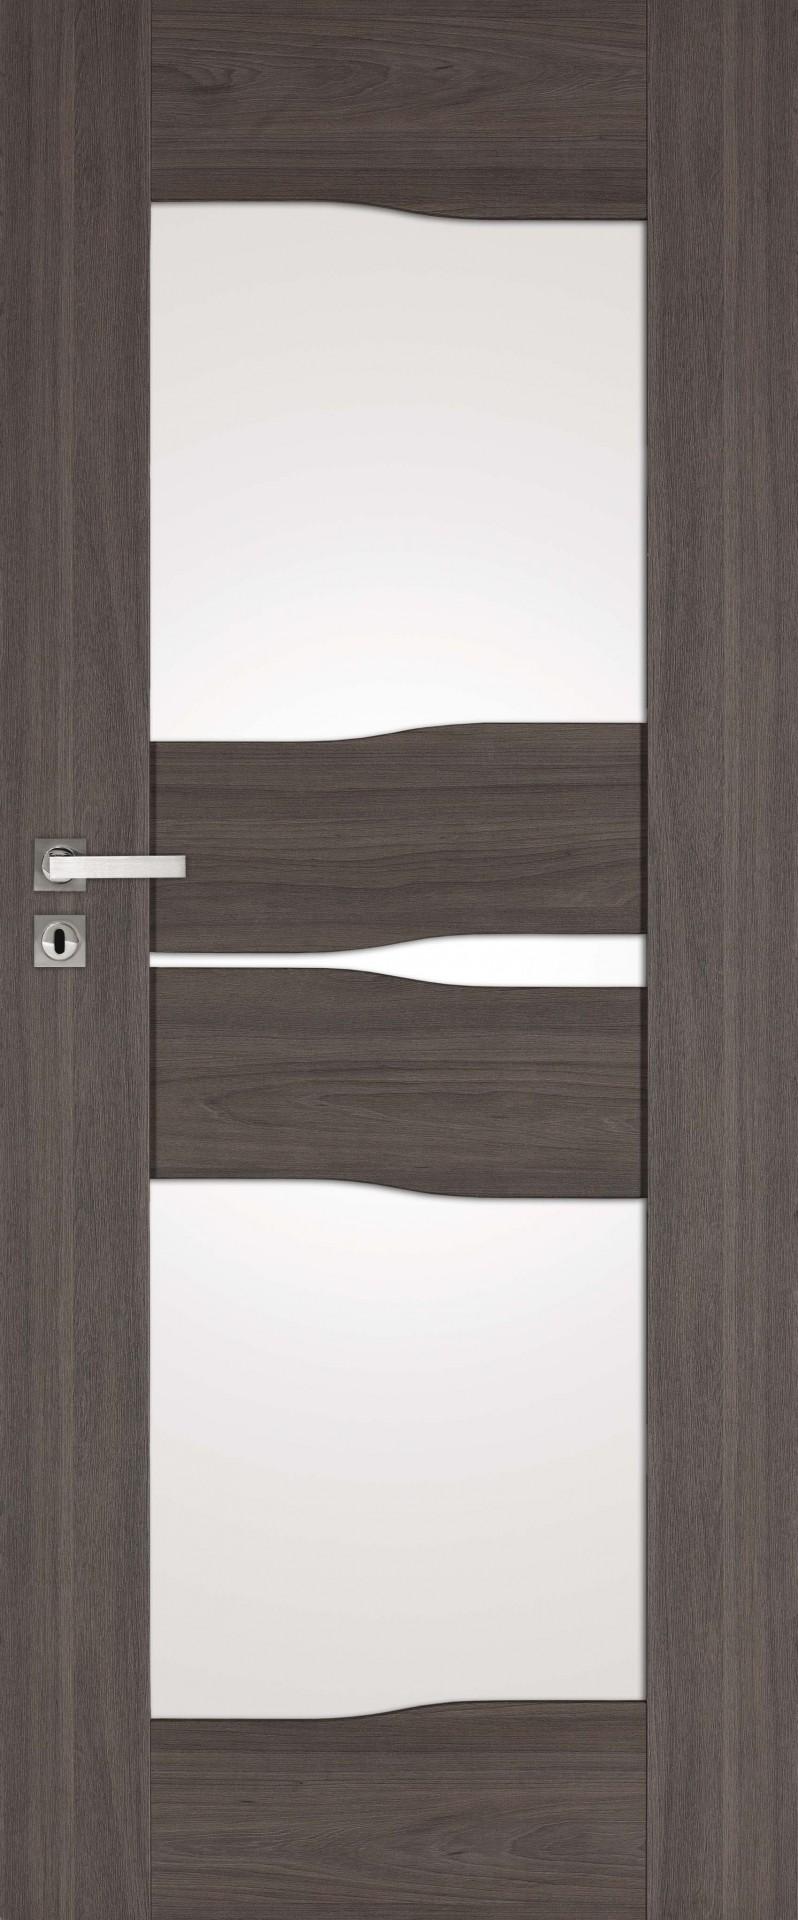 Dre dveře EMENA 4, Šíře v cm 80